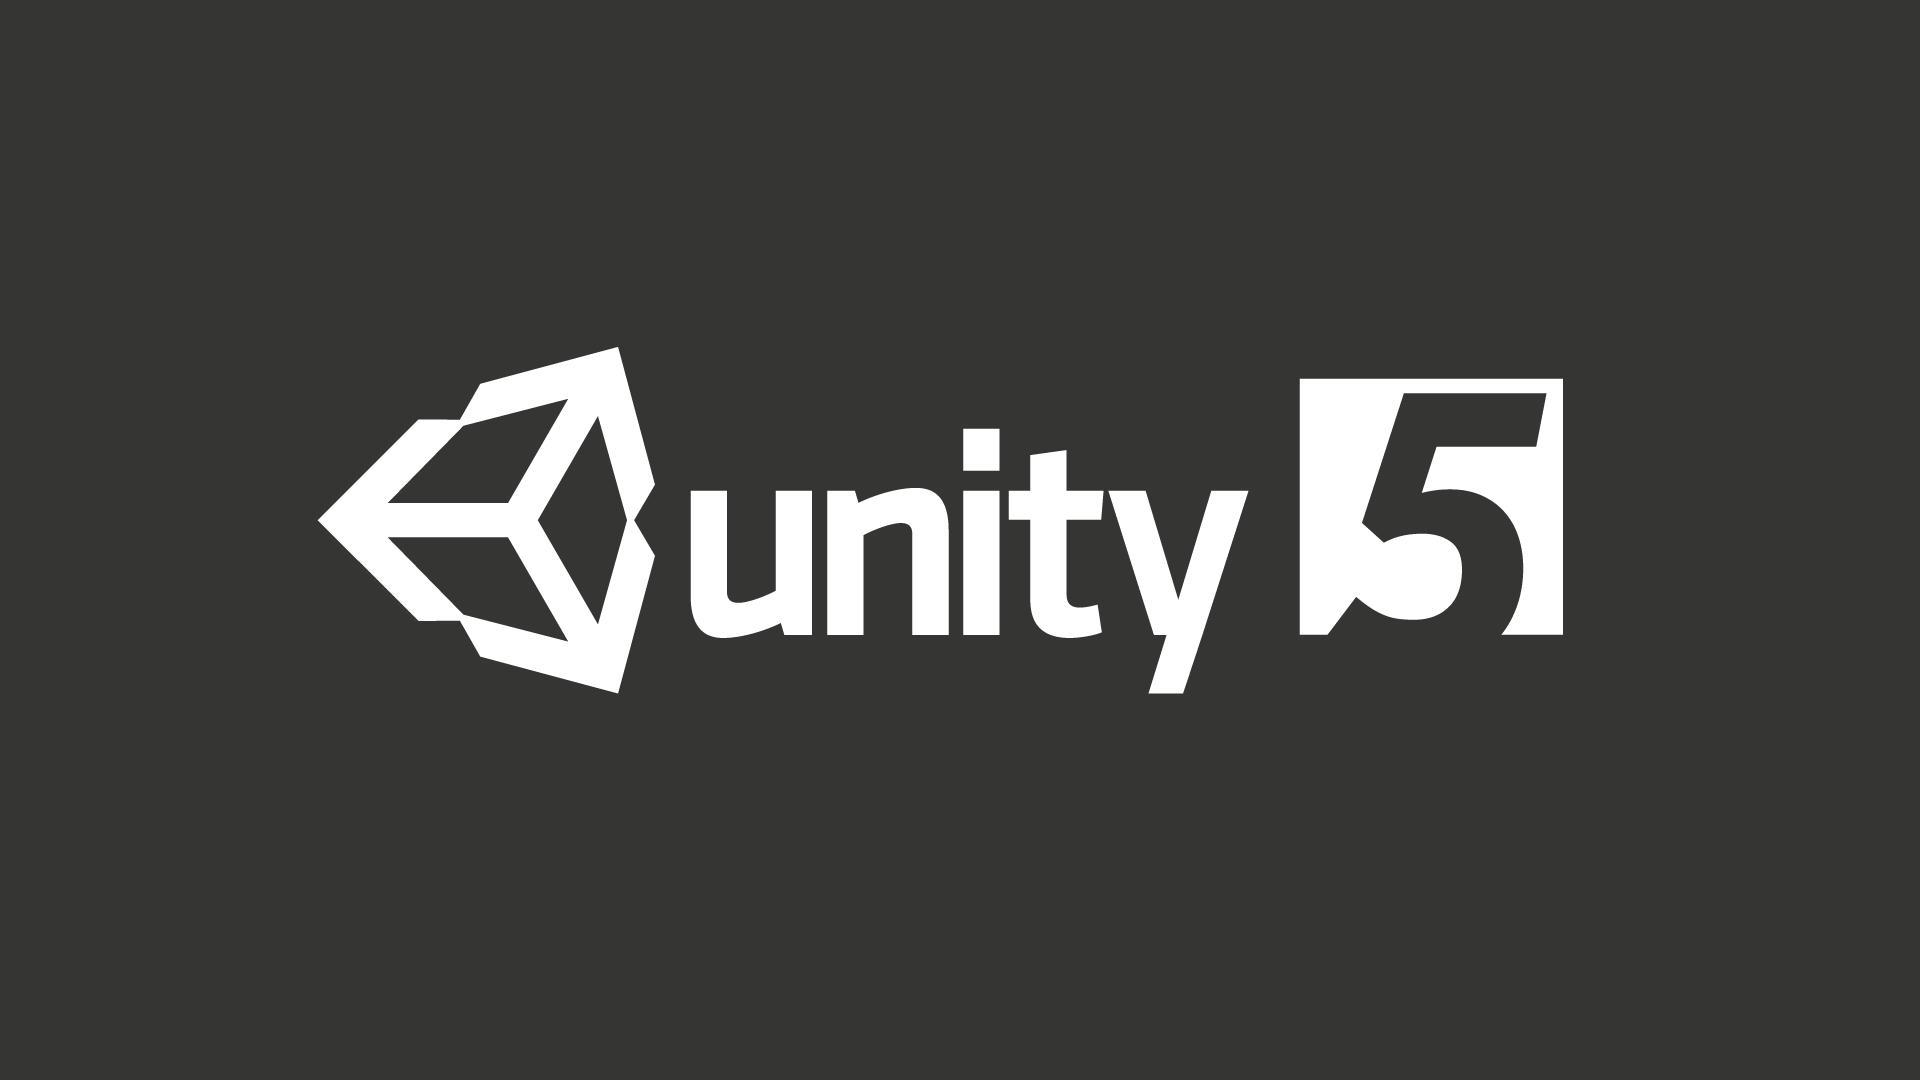 unity 5 logo will goldstone